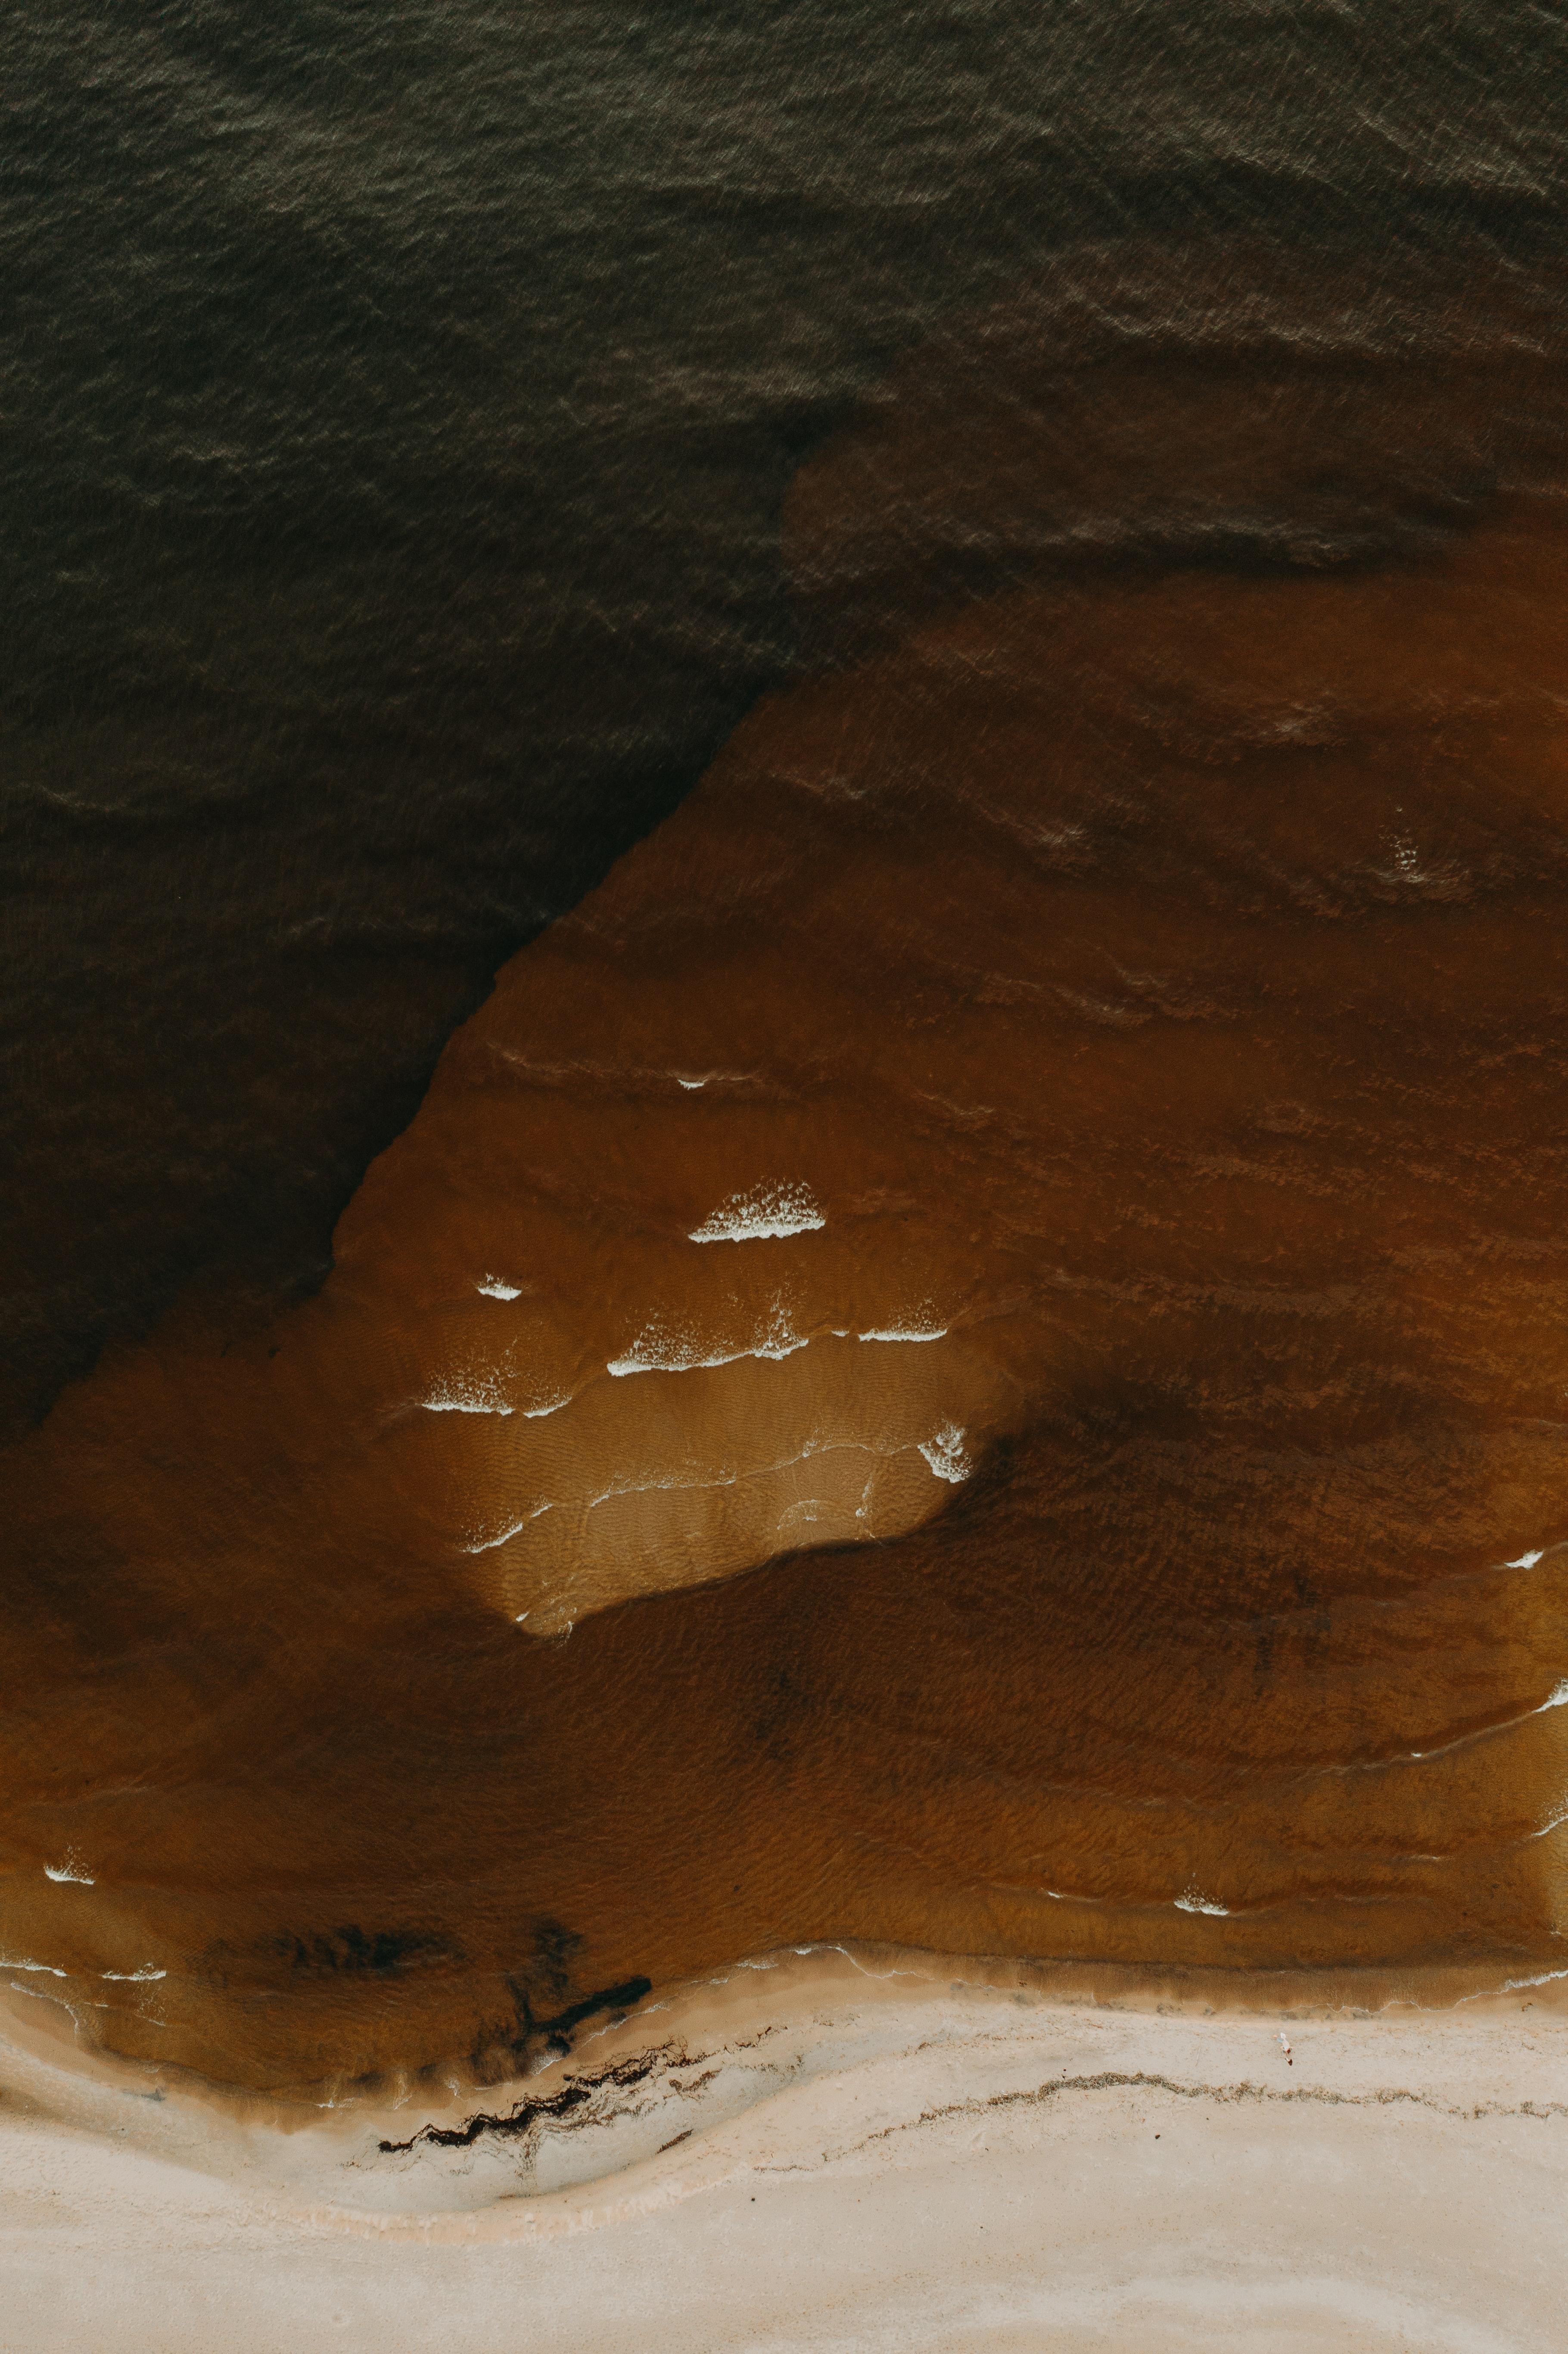 151109壁紙のダウンロード自然, ビーチ, サンド, 上から見る, 水-スクリーンセーバーと写真を無料で